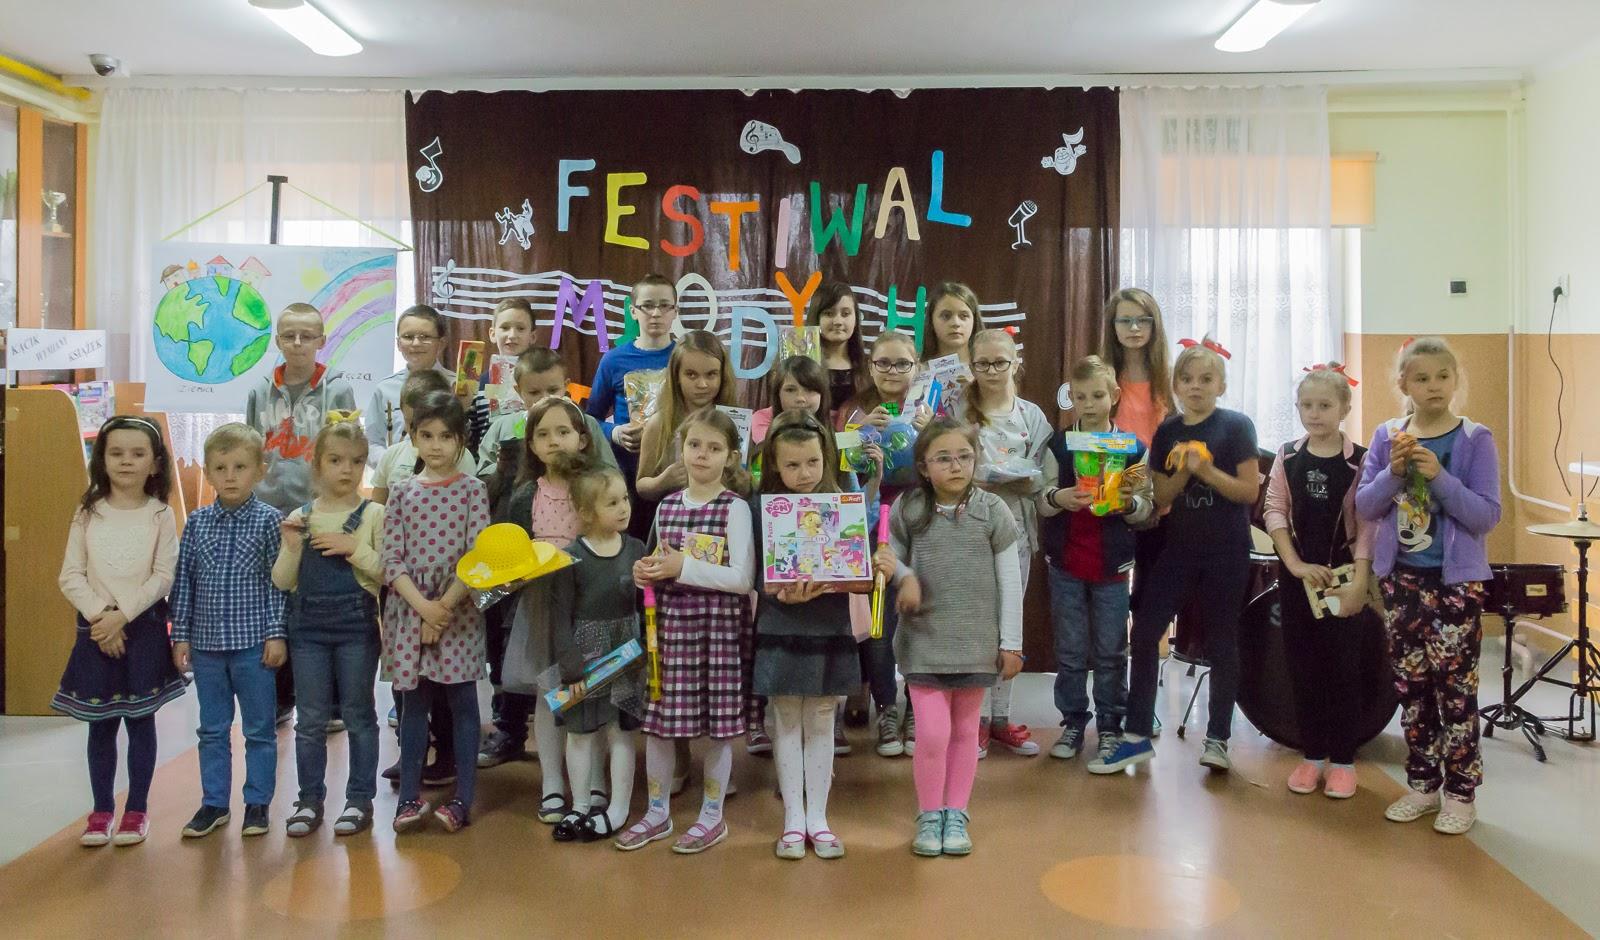 Festiwal Młodych Talentów, 27 kwietnia 2017